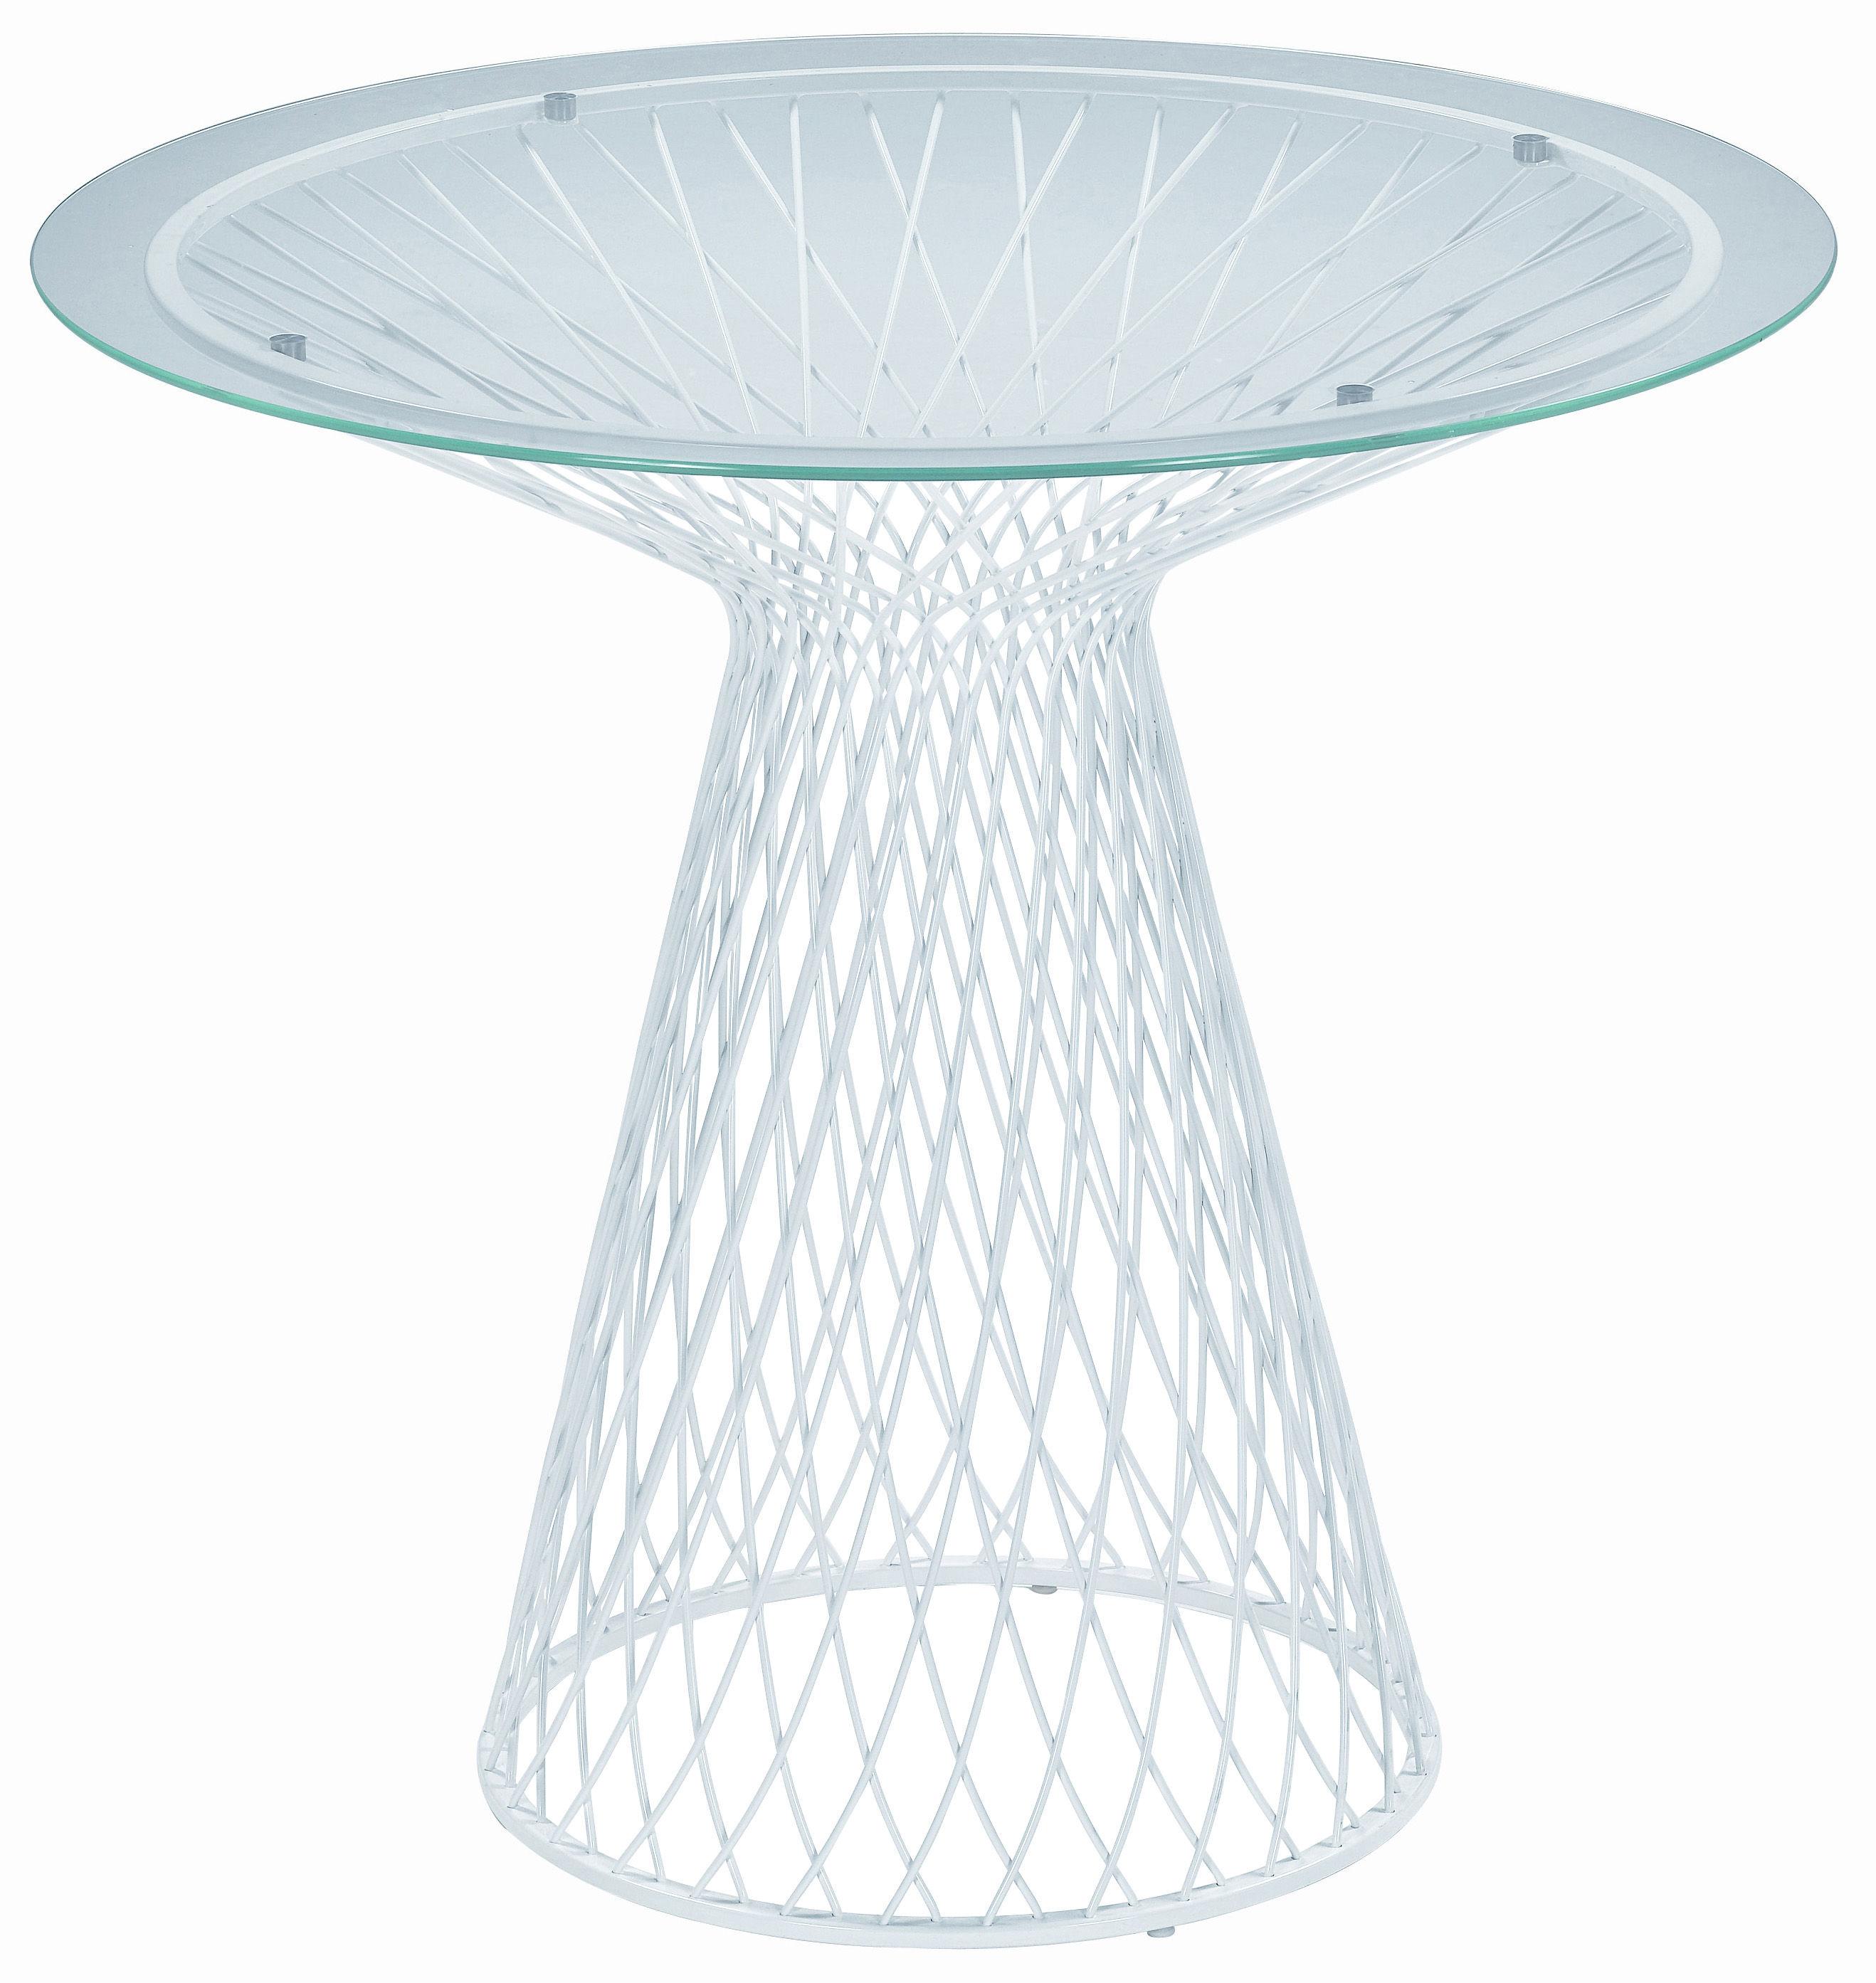 Outdoor - Tavoli  - Table ronde Heaven - Ø 80 di Emu - Bianco - Acciaio, Vetro